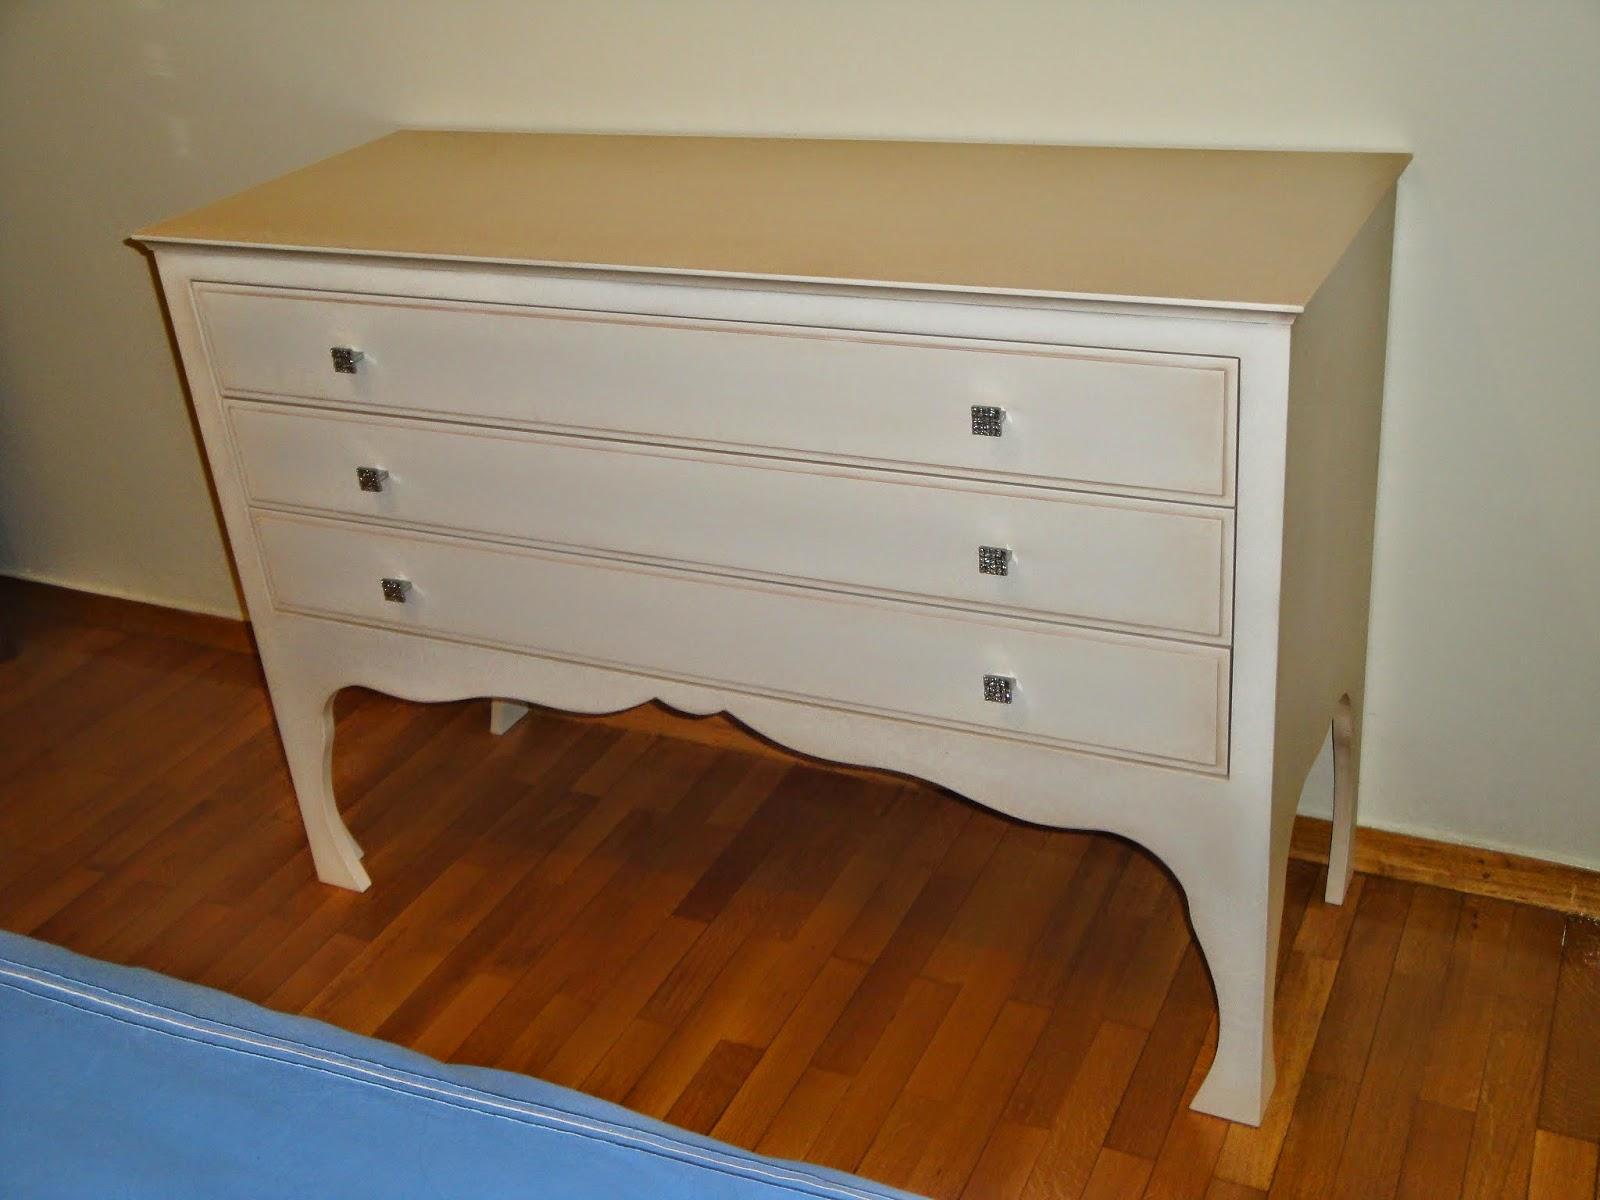 (Κωδ: 1016) Έπιπλο-συρταριέρα για κρεβατοκάμαρα με βαφή πατίνα και ρομαντικό ύφος.